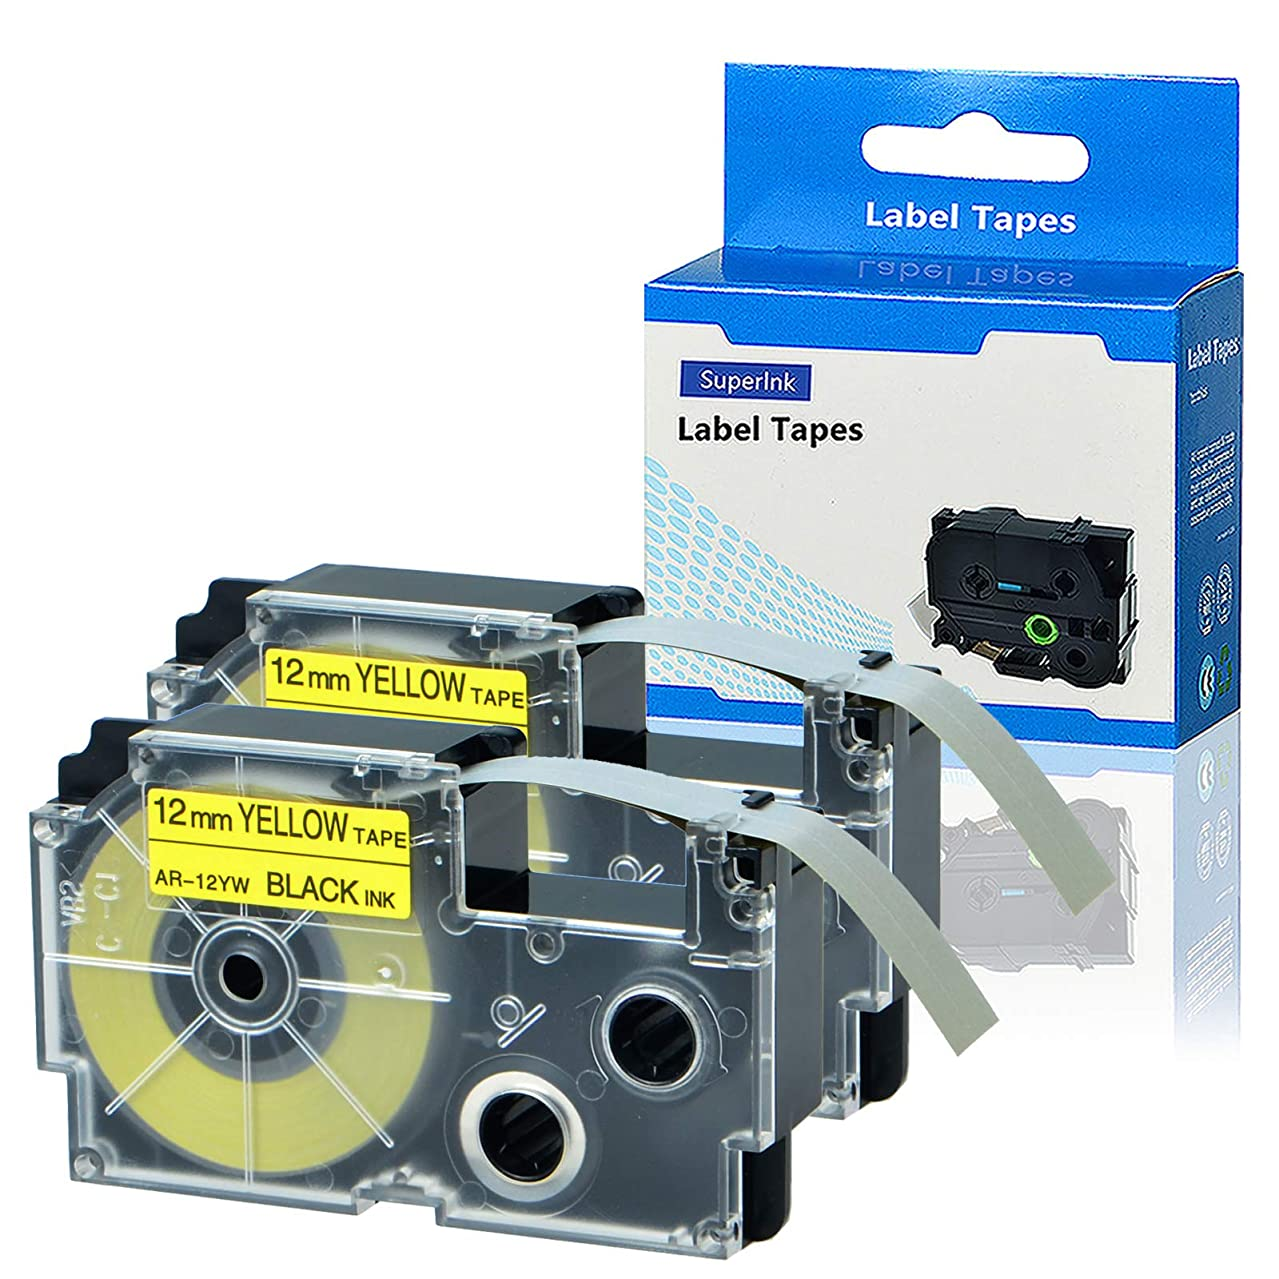 SuperInk 2 Pack Compatible XR-12YW XR-12YW2S Black on Yellow Label Tape use for KL60 KL100 KL120 KL750 KL780 KL820 KL7000 KL-7200 KL-8100 KL-8200 KL-P1000 KL-G2 EZ-Label Printer 1/2